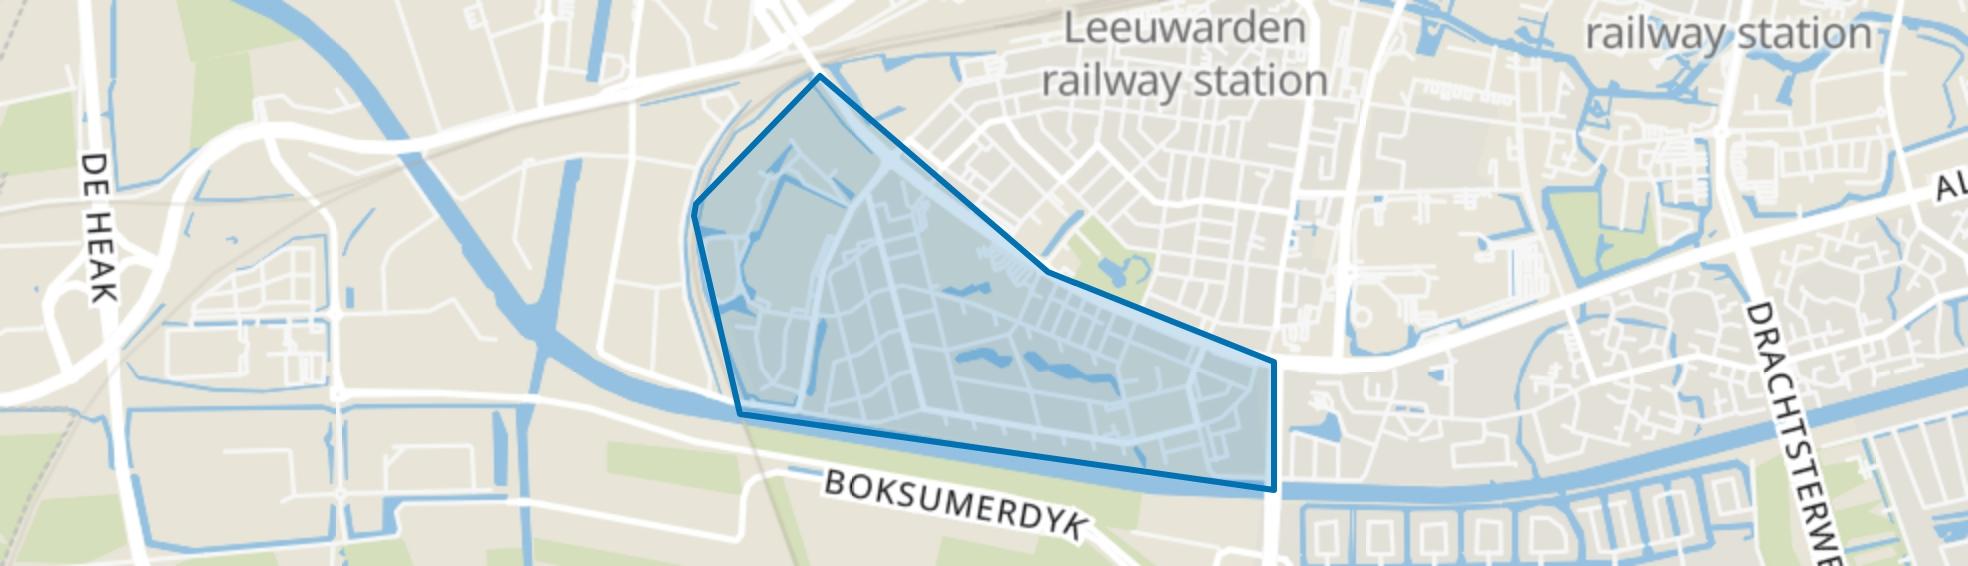 Nijlân, Leeuwarden map